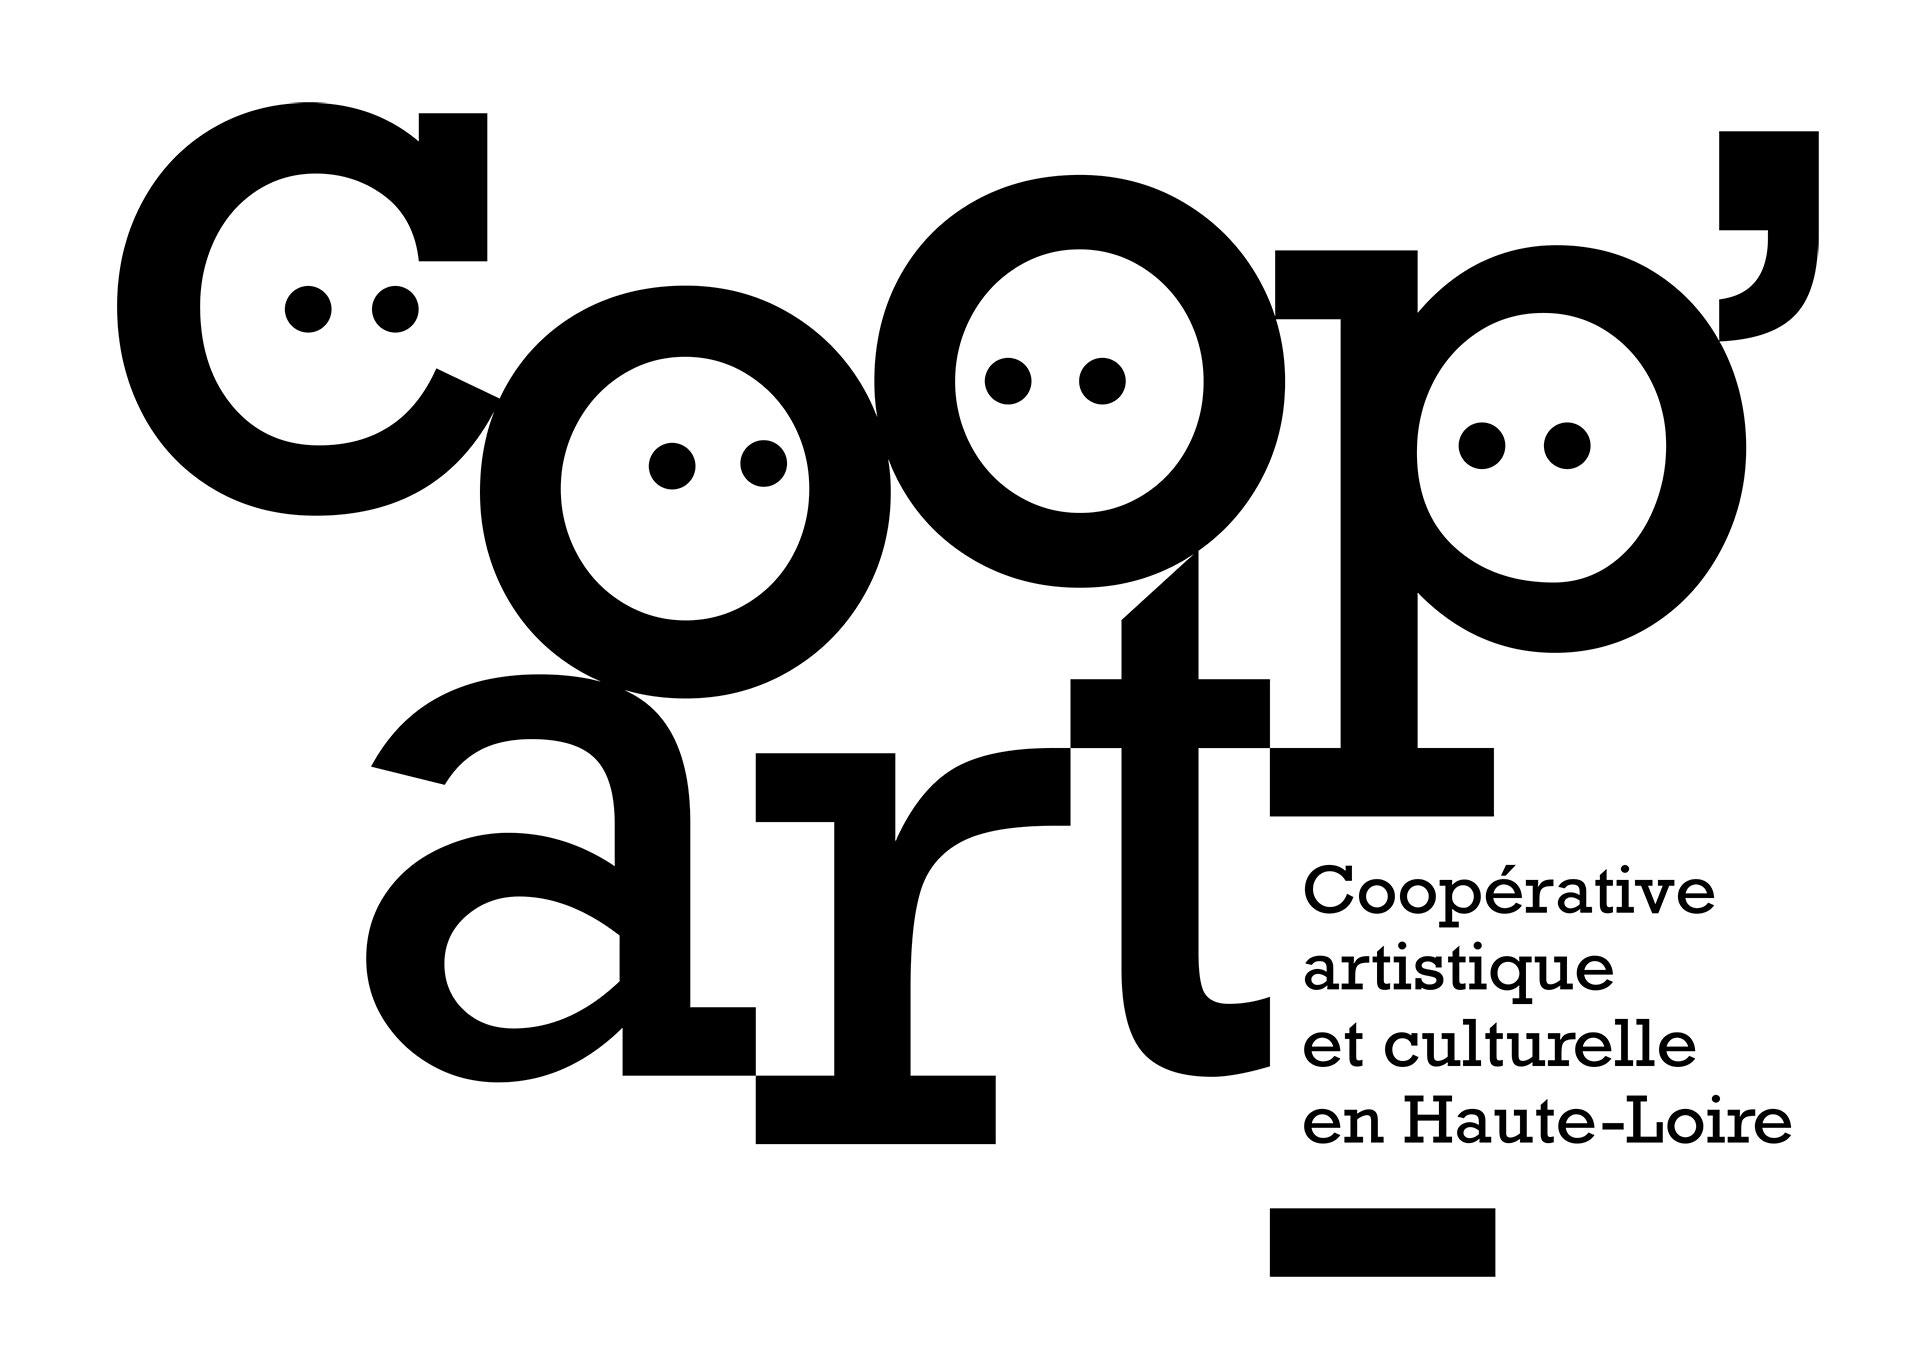 Coop' Art